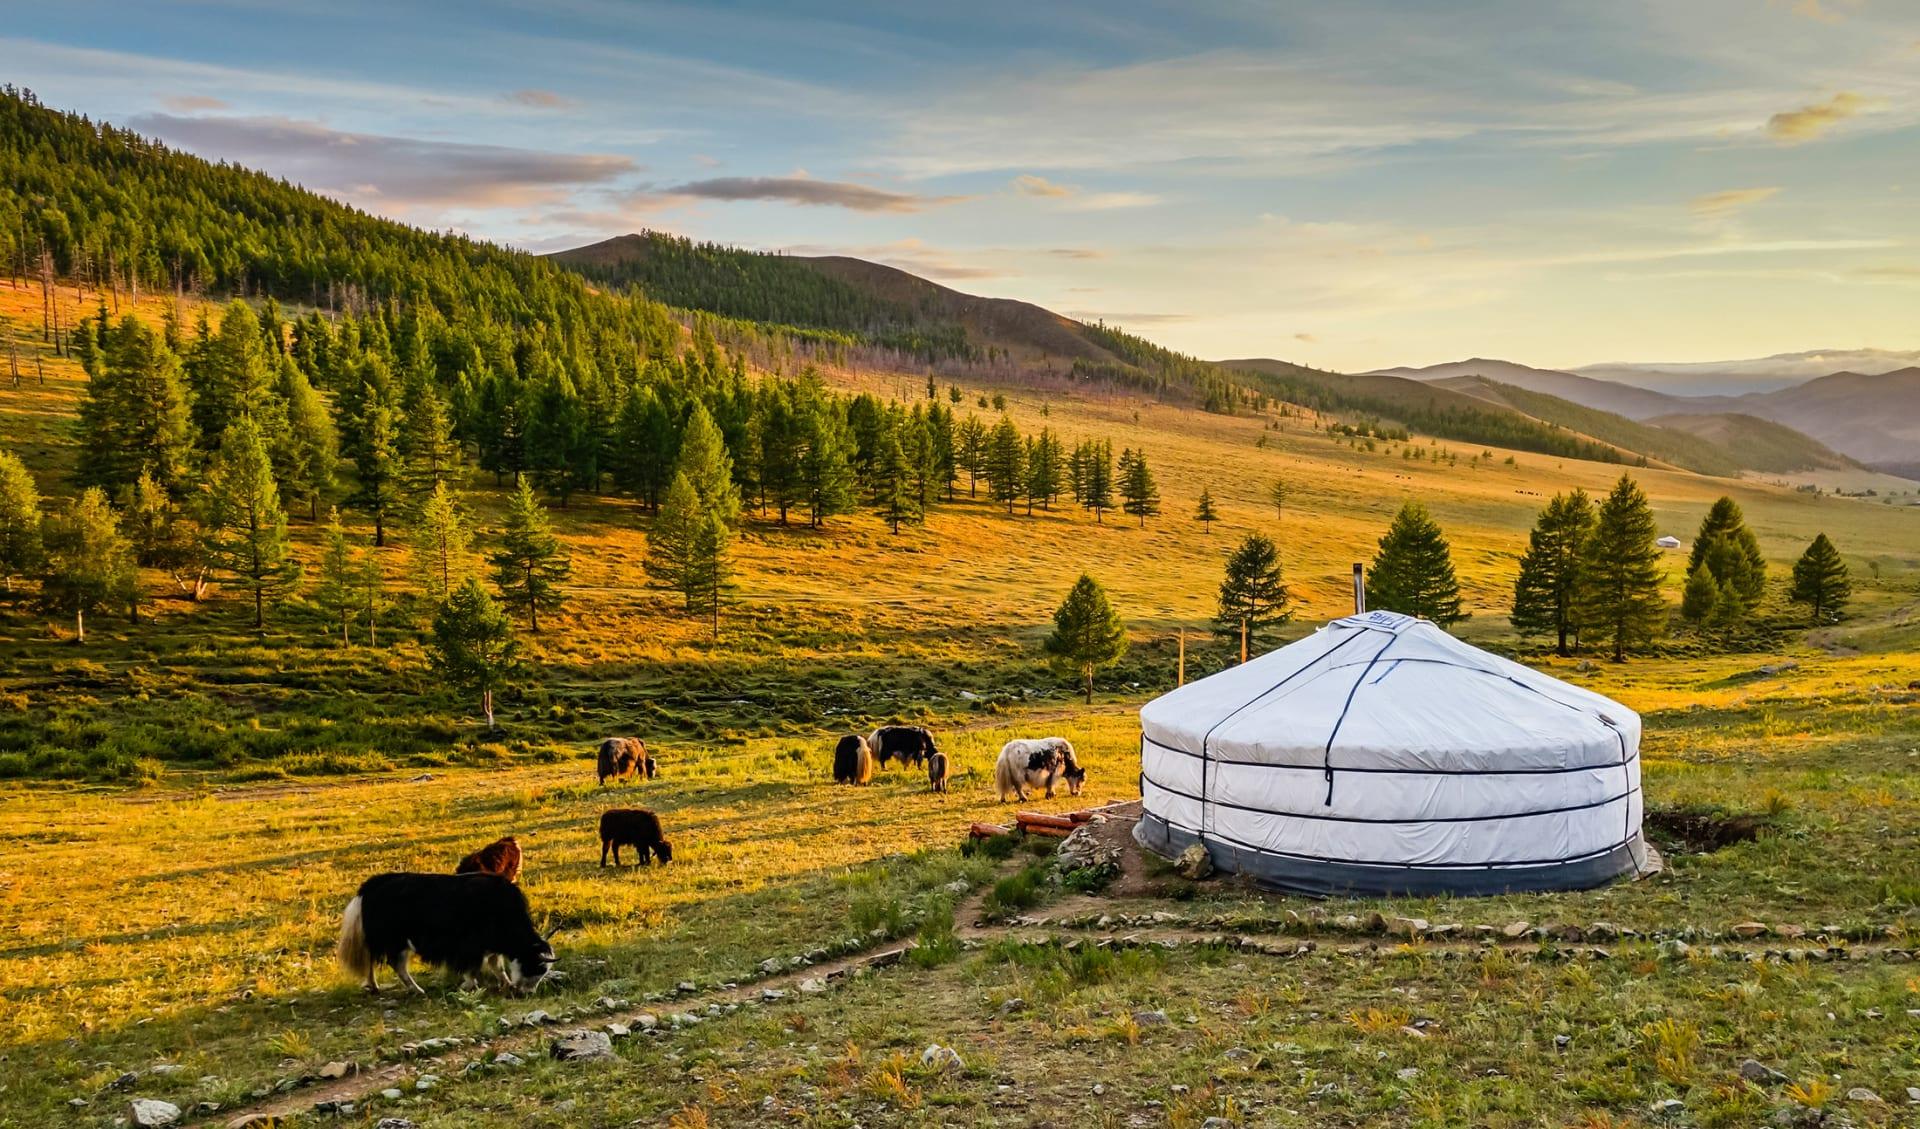 Sonnenuntergang über dem Mongolischen Tal